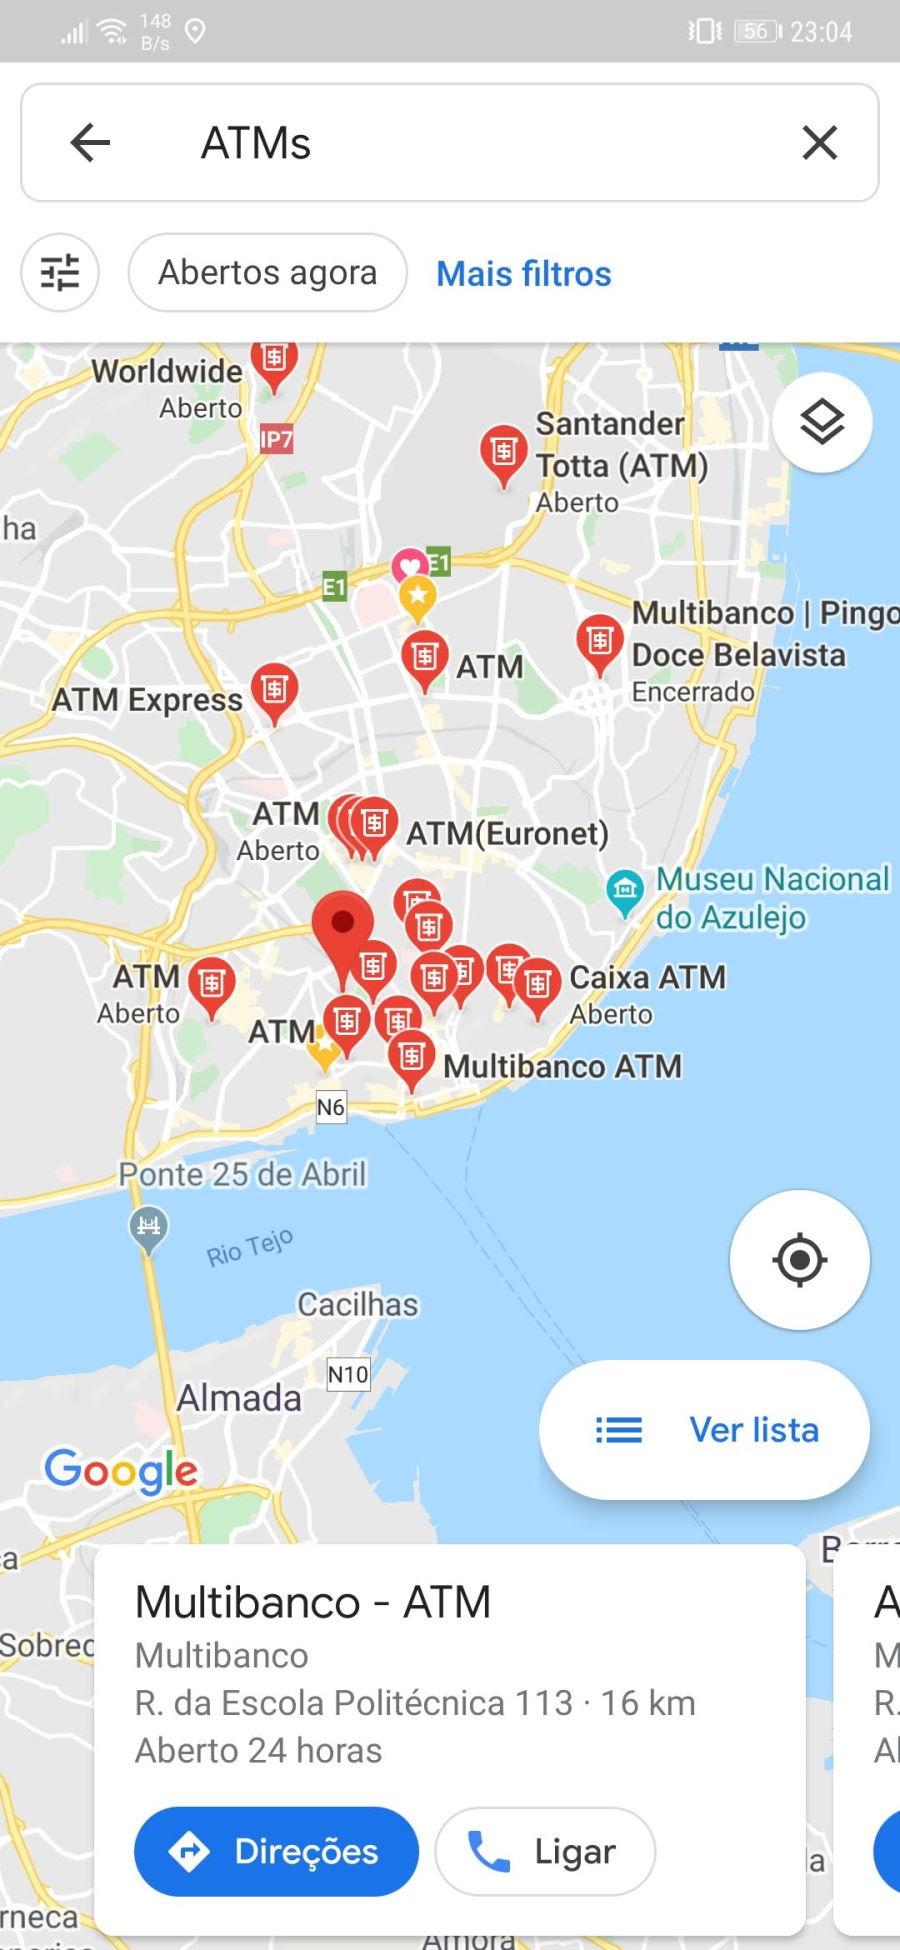 Qual O Multibanco Mais Perto De Si O Google Maps Ajuda O A Encontrar